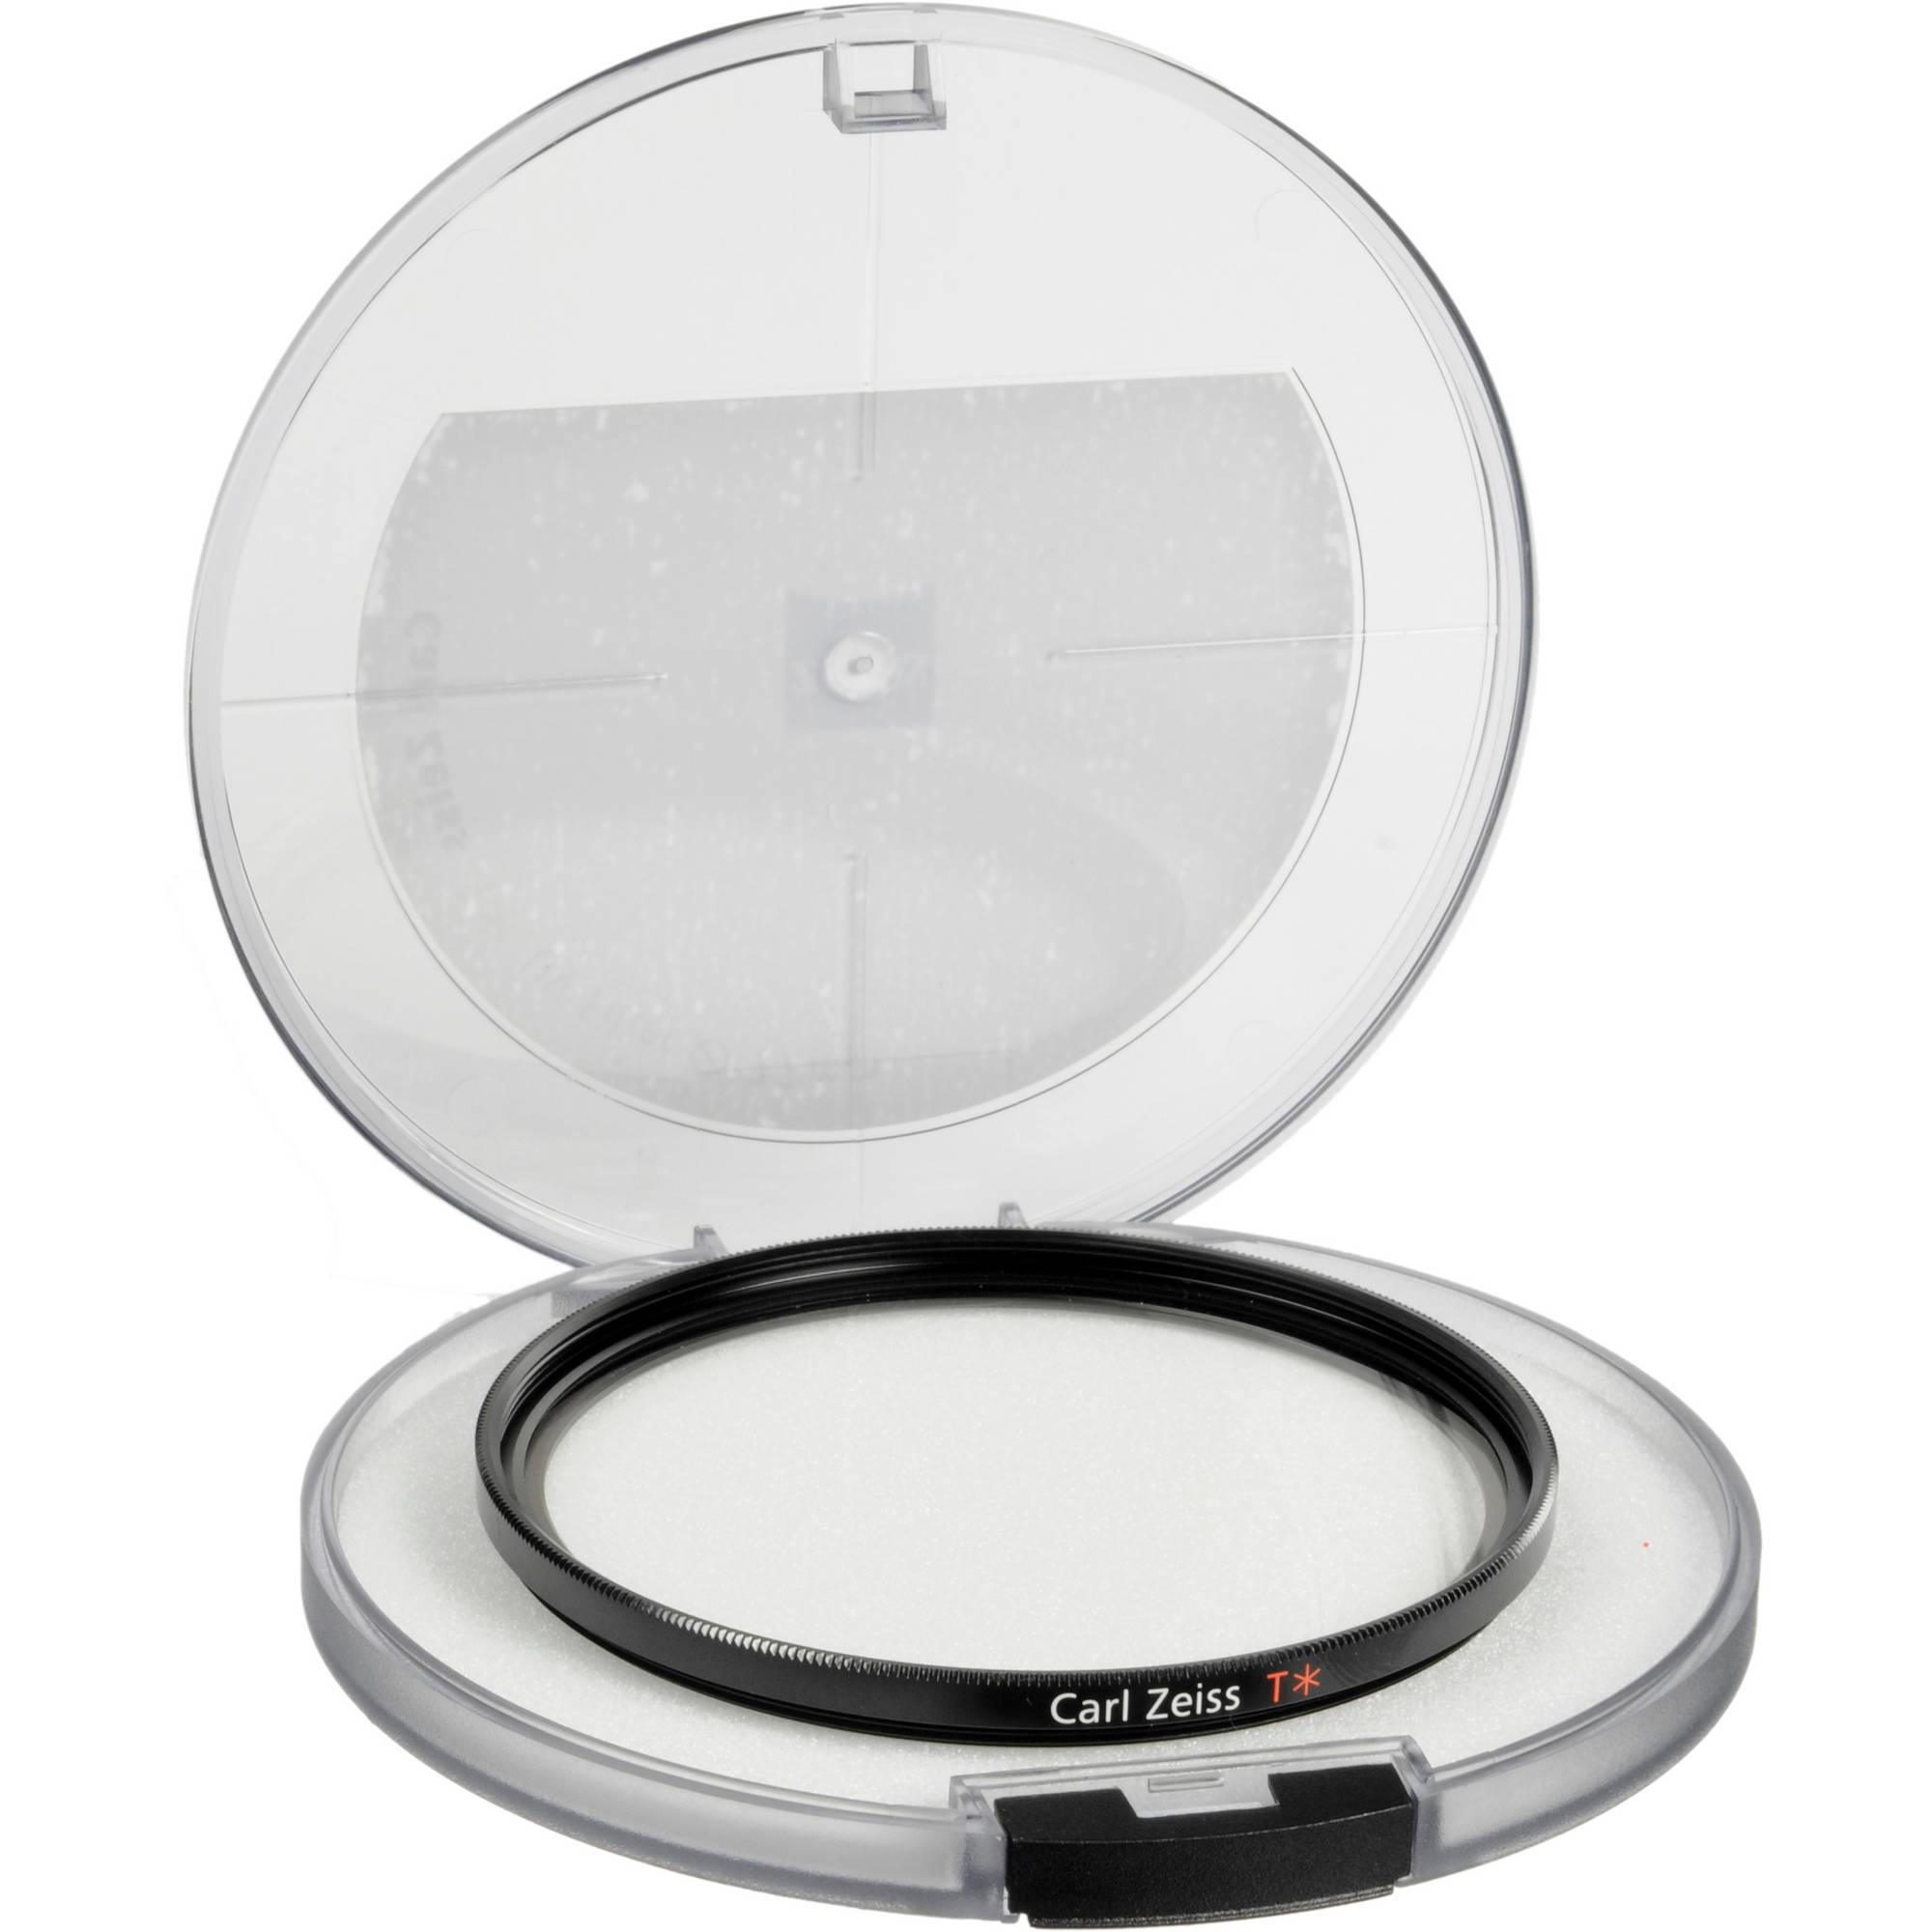 46 mm UV Filter 46mm UV Filter Upgraded Pro 46mm HD MC UV Filter Fits Carl Zeiss Biogon T 2,8//28 ZM 46mm Ultraviolet Filter